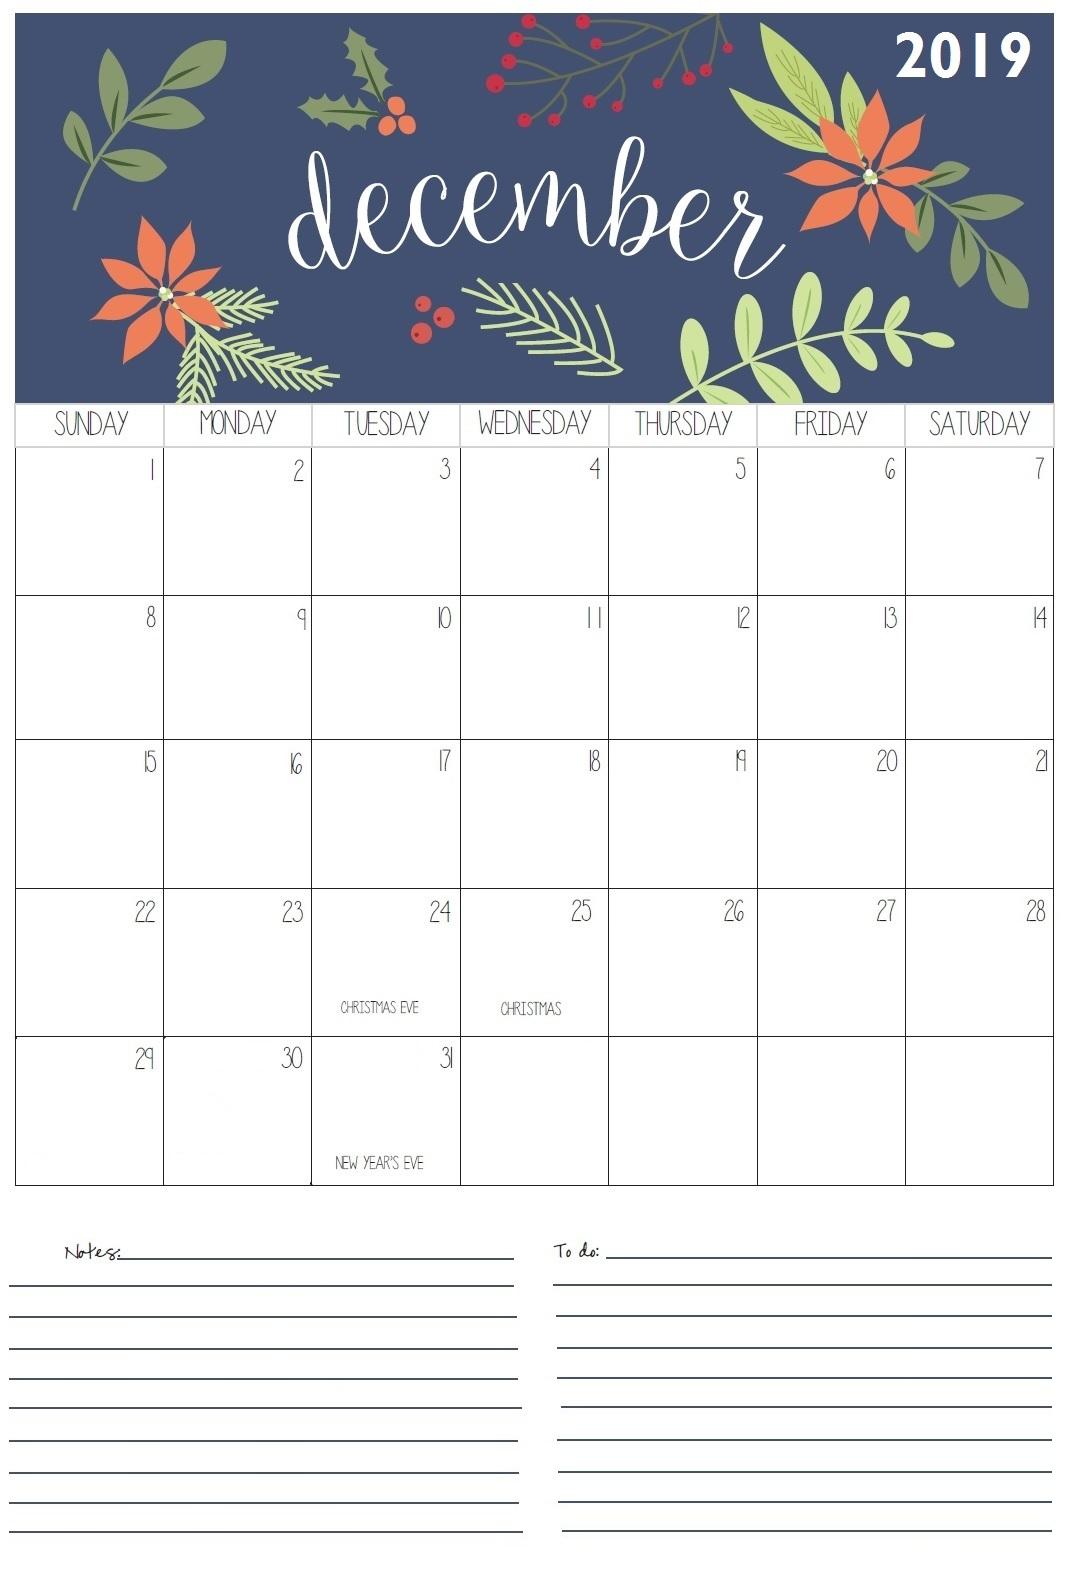 Best December 2019 Wall Calendar